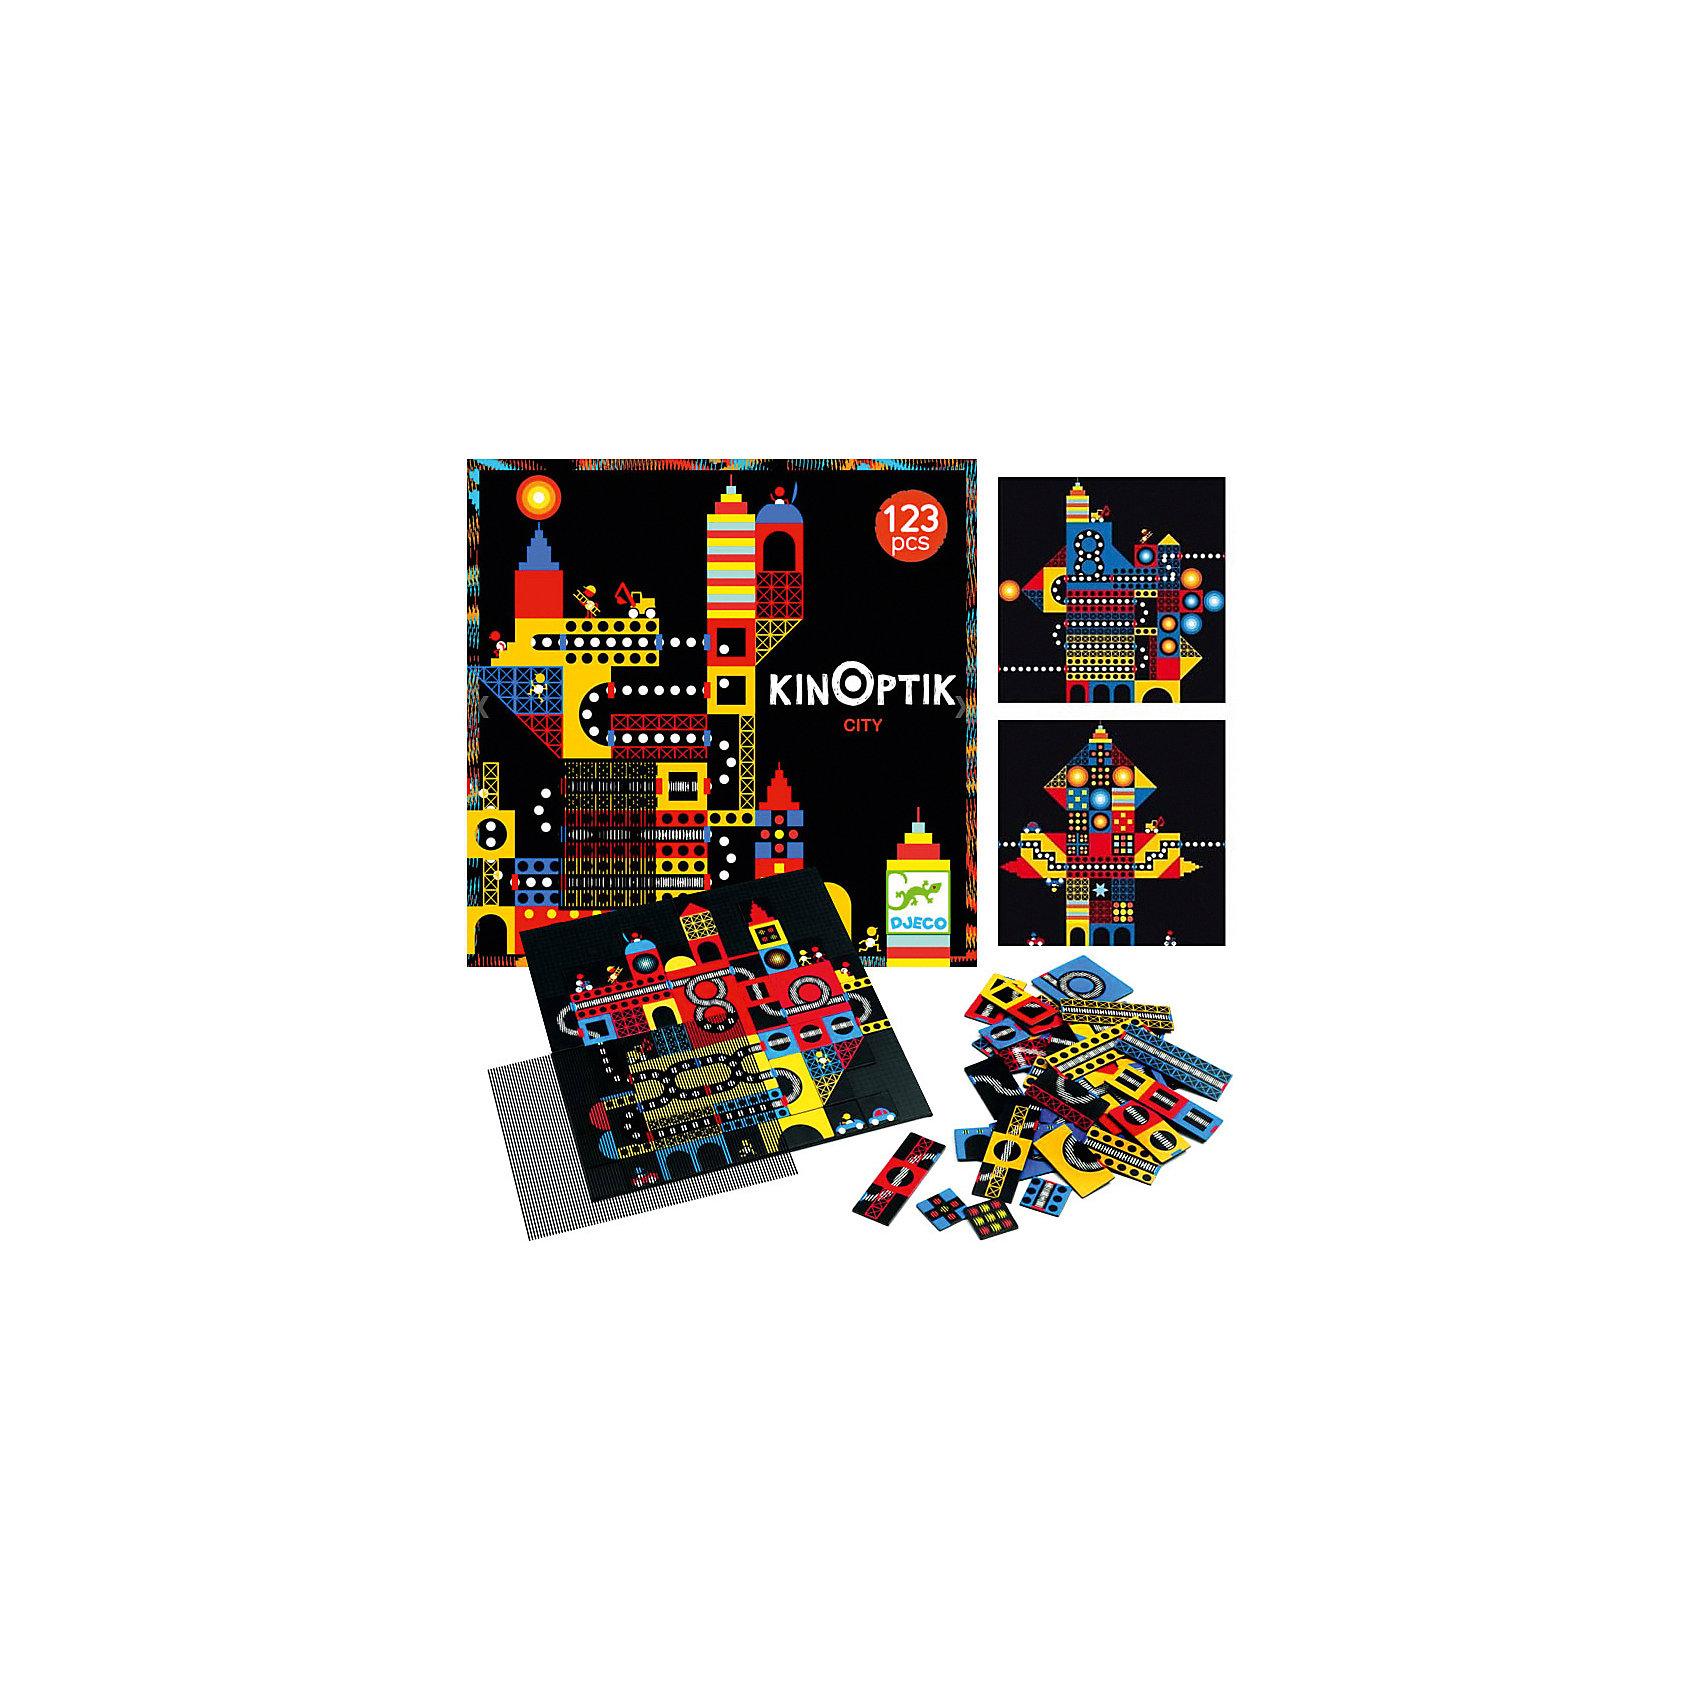 Пазл-аниматор Город, DJECOРазвивающие игры<br>Пазл-аниматор Город, DJECO (ДЖЕКО).<br><br>Характеристики:<br><br>- Пазл рекомендован для детей в возрасте от 6 до 10 лет<br>- В наборе: магнитный лист-основа 30х30 см, 2 оптик-листа, 123 части пазла, красочная инструкция с примерами<br>- Материал: картон, пластик<br>- Пазл-аниматор продается в красивой коробке и идеально подходит для подарка<br>- Размер упаковки: 32х32х5 см.<br><br>Пазл-аниматор Город от французского производителя игрушек Djeco (Джеко) – уникальная магнитная игра, с которой ребенок сможет собрать удивительные анимированные картинки! В комплекте вы найдете магнитную доску-основу, а также множество разных деталей пазла. С помощью деталей пазла и книжки с примерами ребенок должен собрать картинки города будущего, а затем, приложив специальный прозрачный лист с полосками, провести по картинке. Отдельные детали пазла станут анимированными и начнут двигаться. Удивительная картинка города оживет прямо на столе и приведет ребенка в восторг! Пазл прекрасно развивает логику и сообразительность ребенка, учит малыша внимательности и усидчивости. Все детали изготовлены из высококачественного материала. Французская компания Джеко производит развивающие игрушки и игры для детей, а также наборы для творчества и детали интерьера детской комнаты. Все товары Джеко отличаются высочайшим качеством, необычной идеей исполнения. Изображения и дизайн специально разрабатываются молодыми французскими художниками.<br><br>Пазл-аниматор Город, DJECO (ДЖЕКО) можно купить в нашем интернет-магазине.<br><br>Ширина мм: 320<br>Глубина мм: 320<br>Высота мм: 50<br>Вес г: 400<br>Возраст от месяцев: 24<br>Возраст до месяцев: 2147483647<br>Пол: Унисекс<br>Возраст: Детский<br>SKU: 5299146